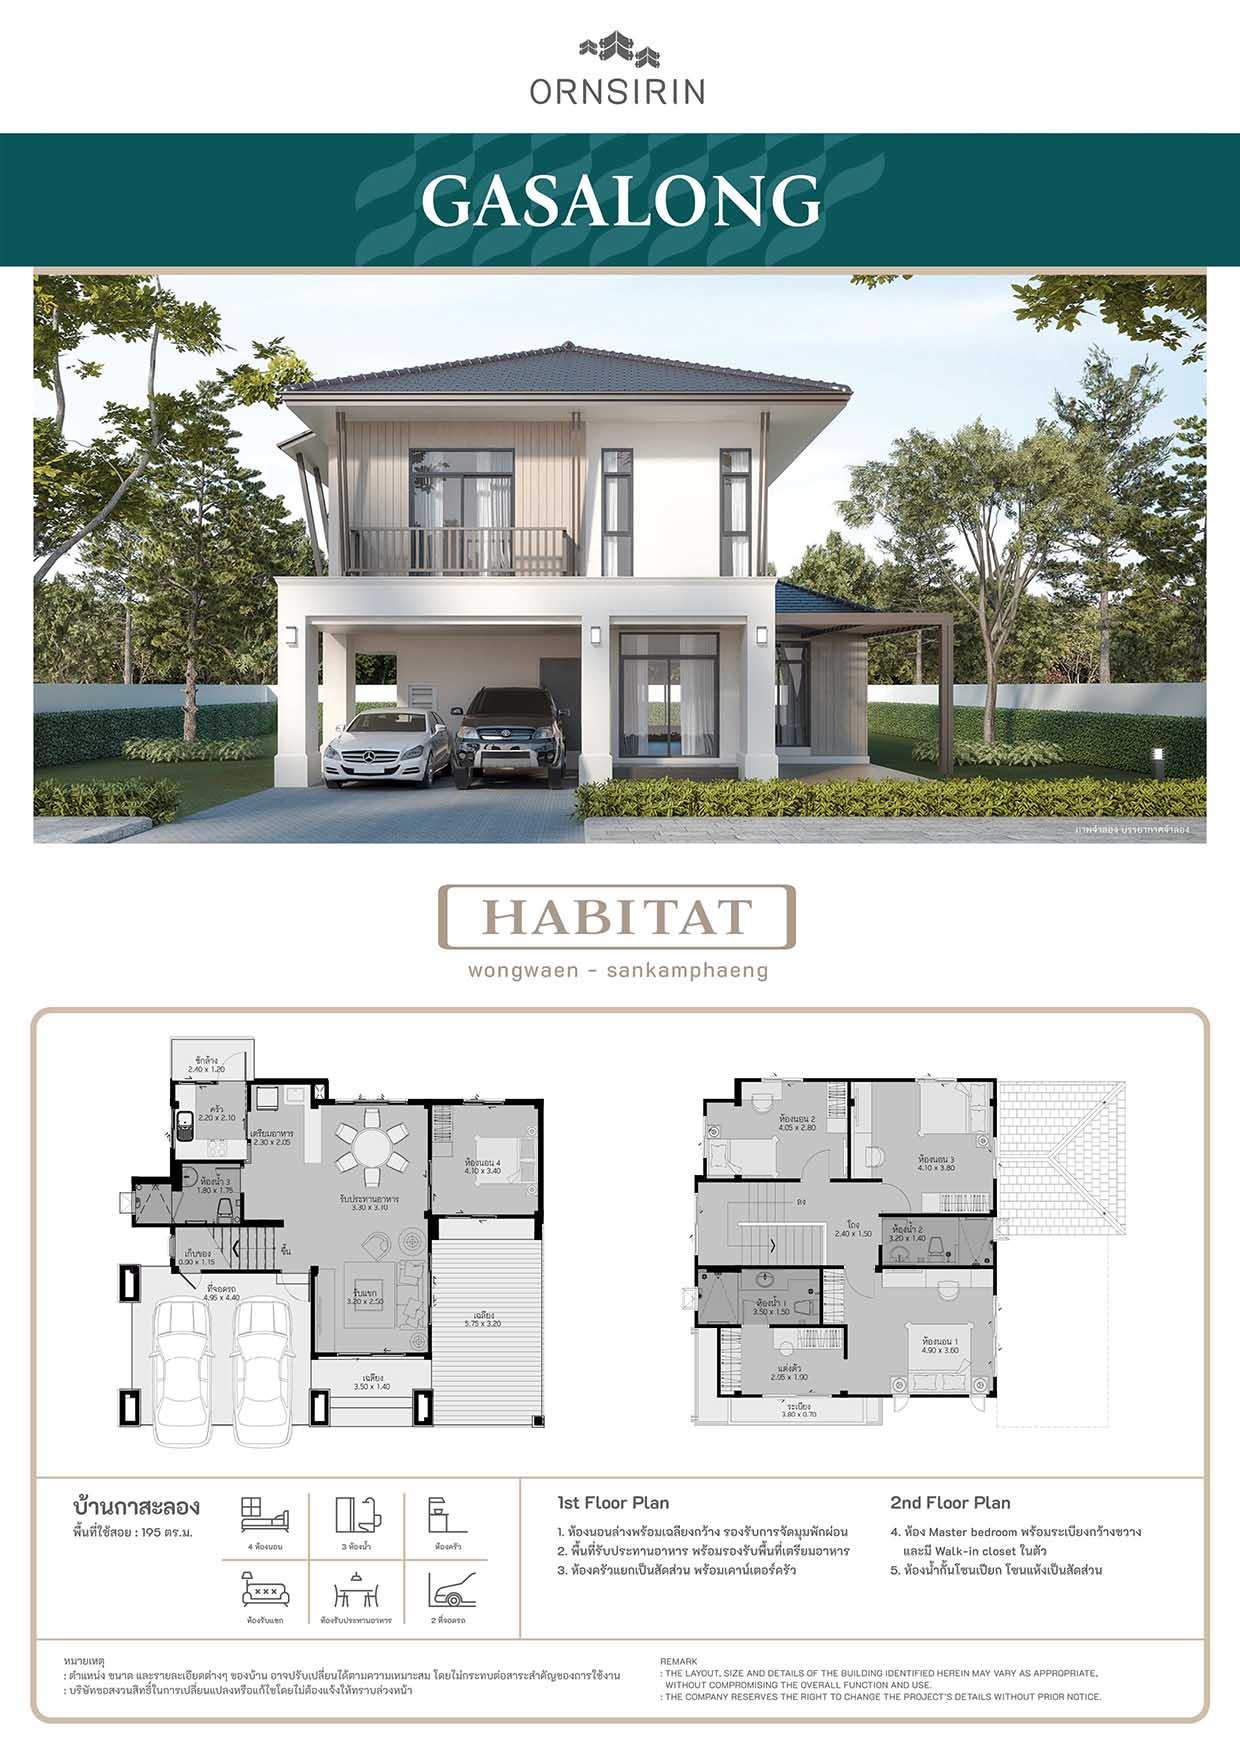 แบบบ้าน Gasalong ฮาบิแทท Habitat